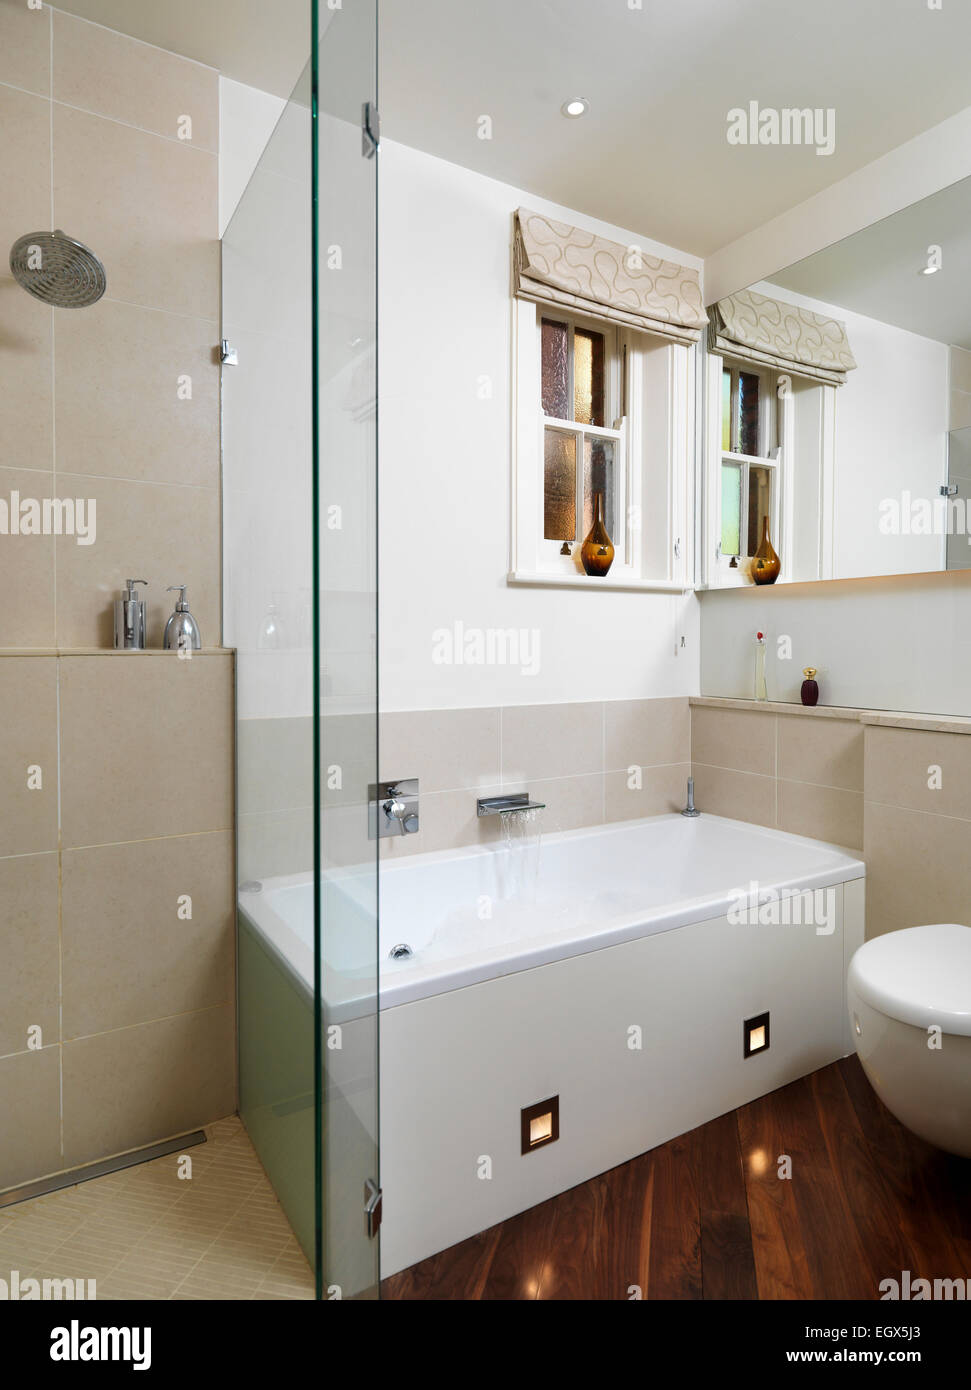 badewanne in ecke des badezimmers neben dusche uk nach. Black Bedroom Furniture Sets. Home Design Ideas